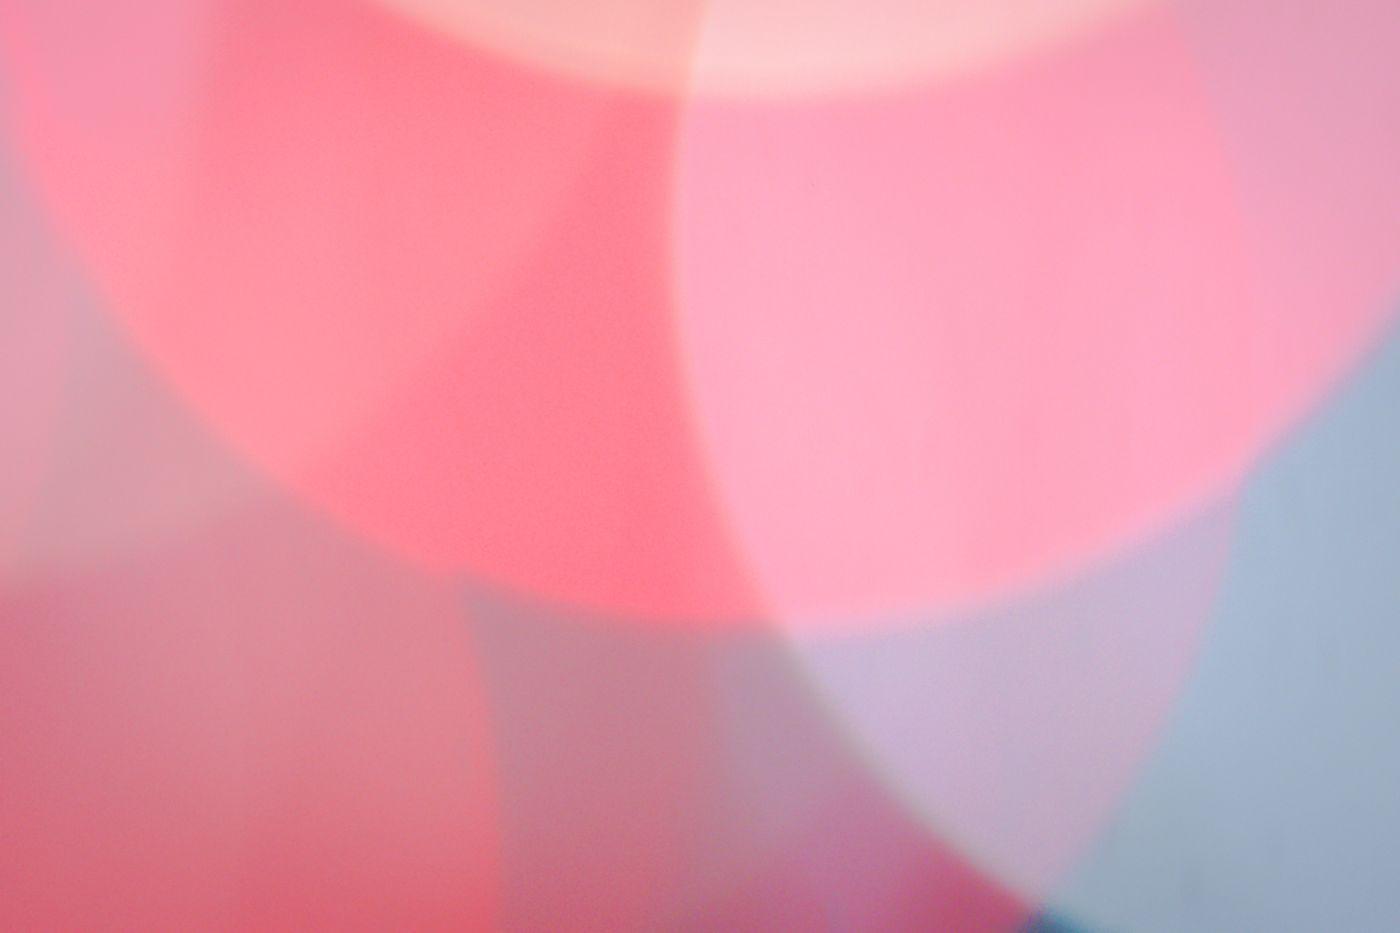 大きな赤色のボケ味の写真